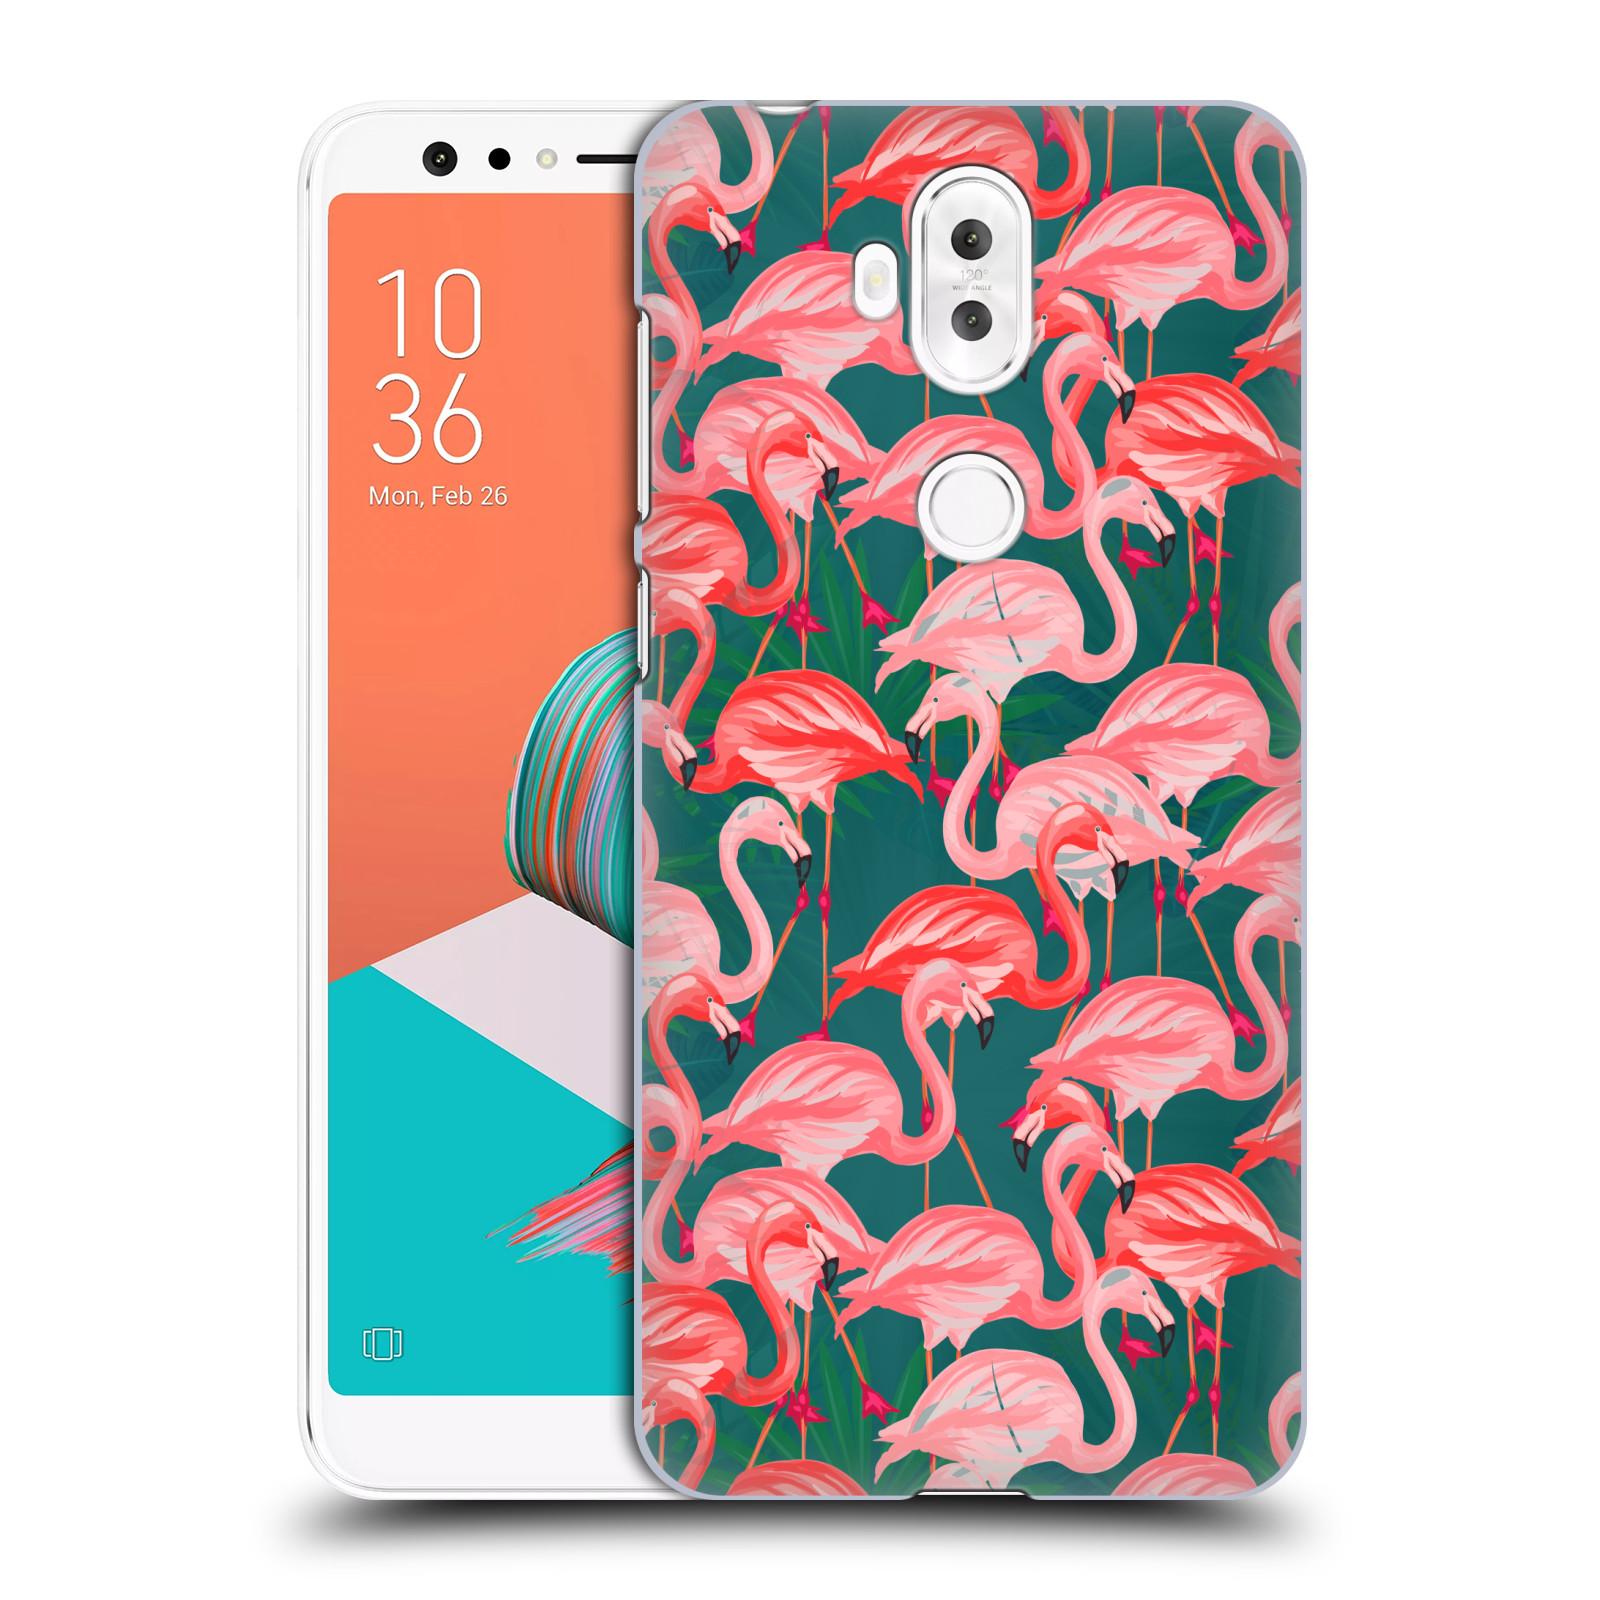 Plastové pouzdro na mobil Asus ZenFone 5 Lite ZC600KL - Head Case - Plameňáci (Plastový kryt či obal na mobilní telefon Asus ZenFone 5 Lite (ZC600KL) s motivem Plameňáci)